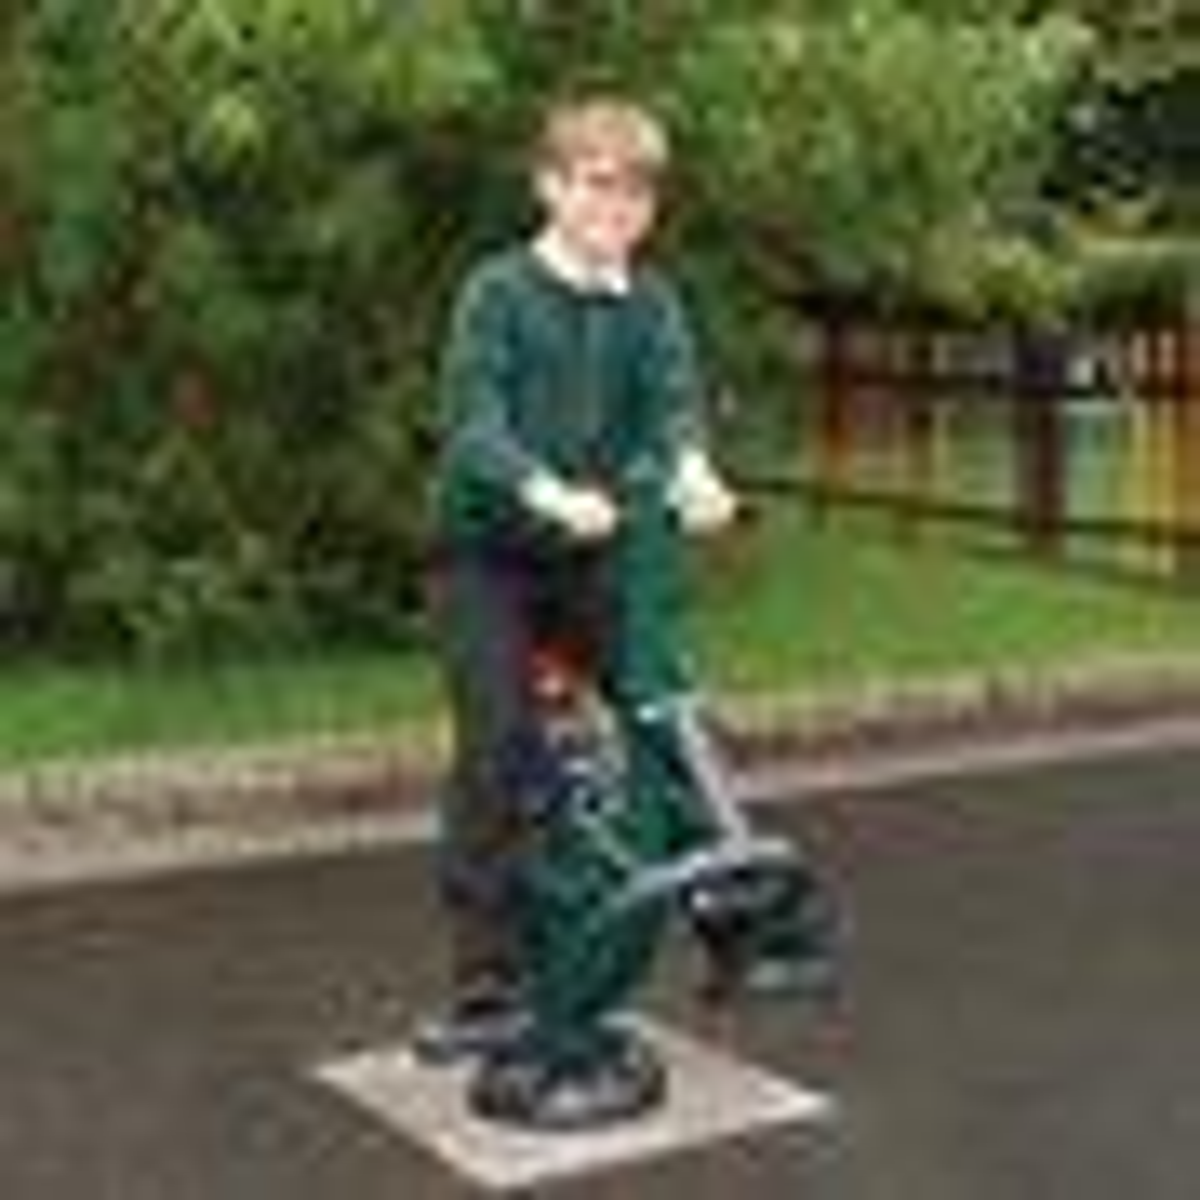 Children's Horse Rider - Oxhey First School